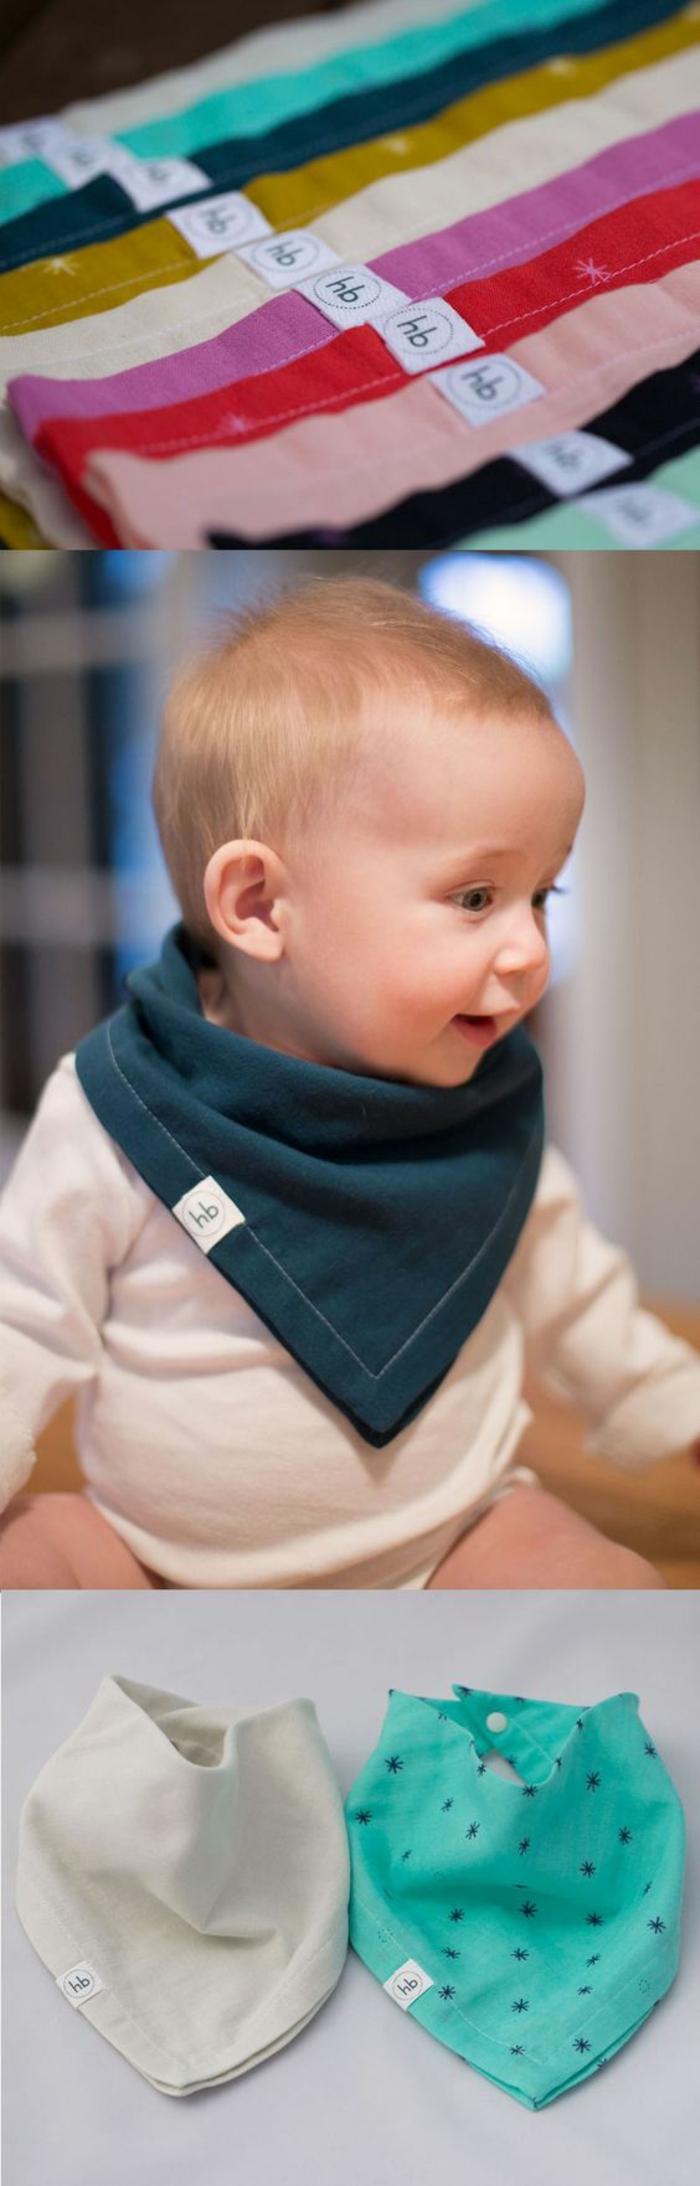 cadeau naissance personnalisé bandanas en couleurs diverses pour changer souvent de look